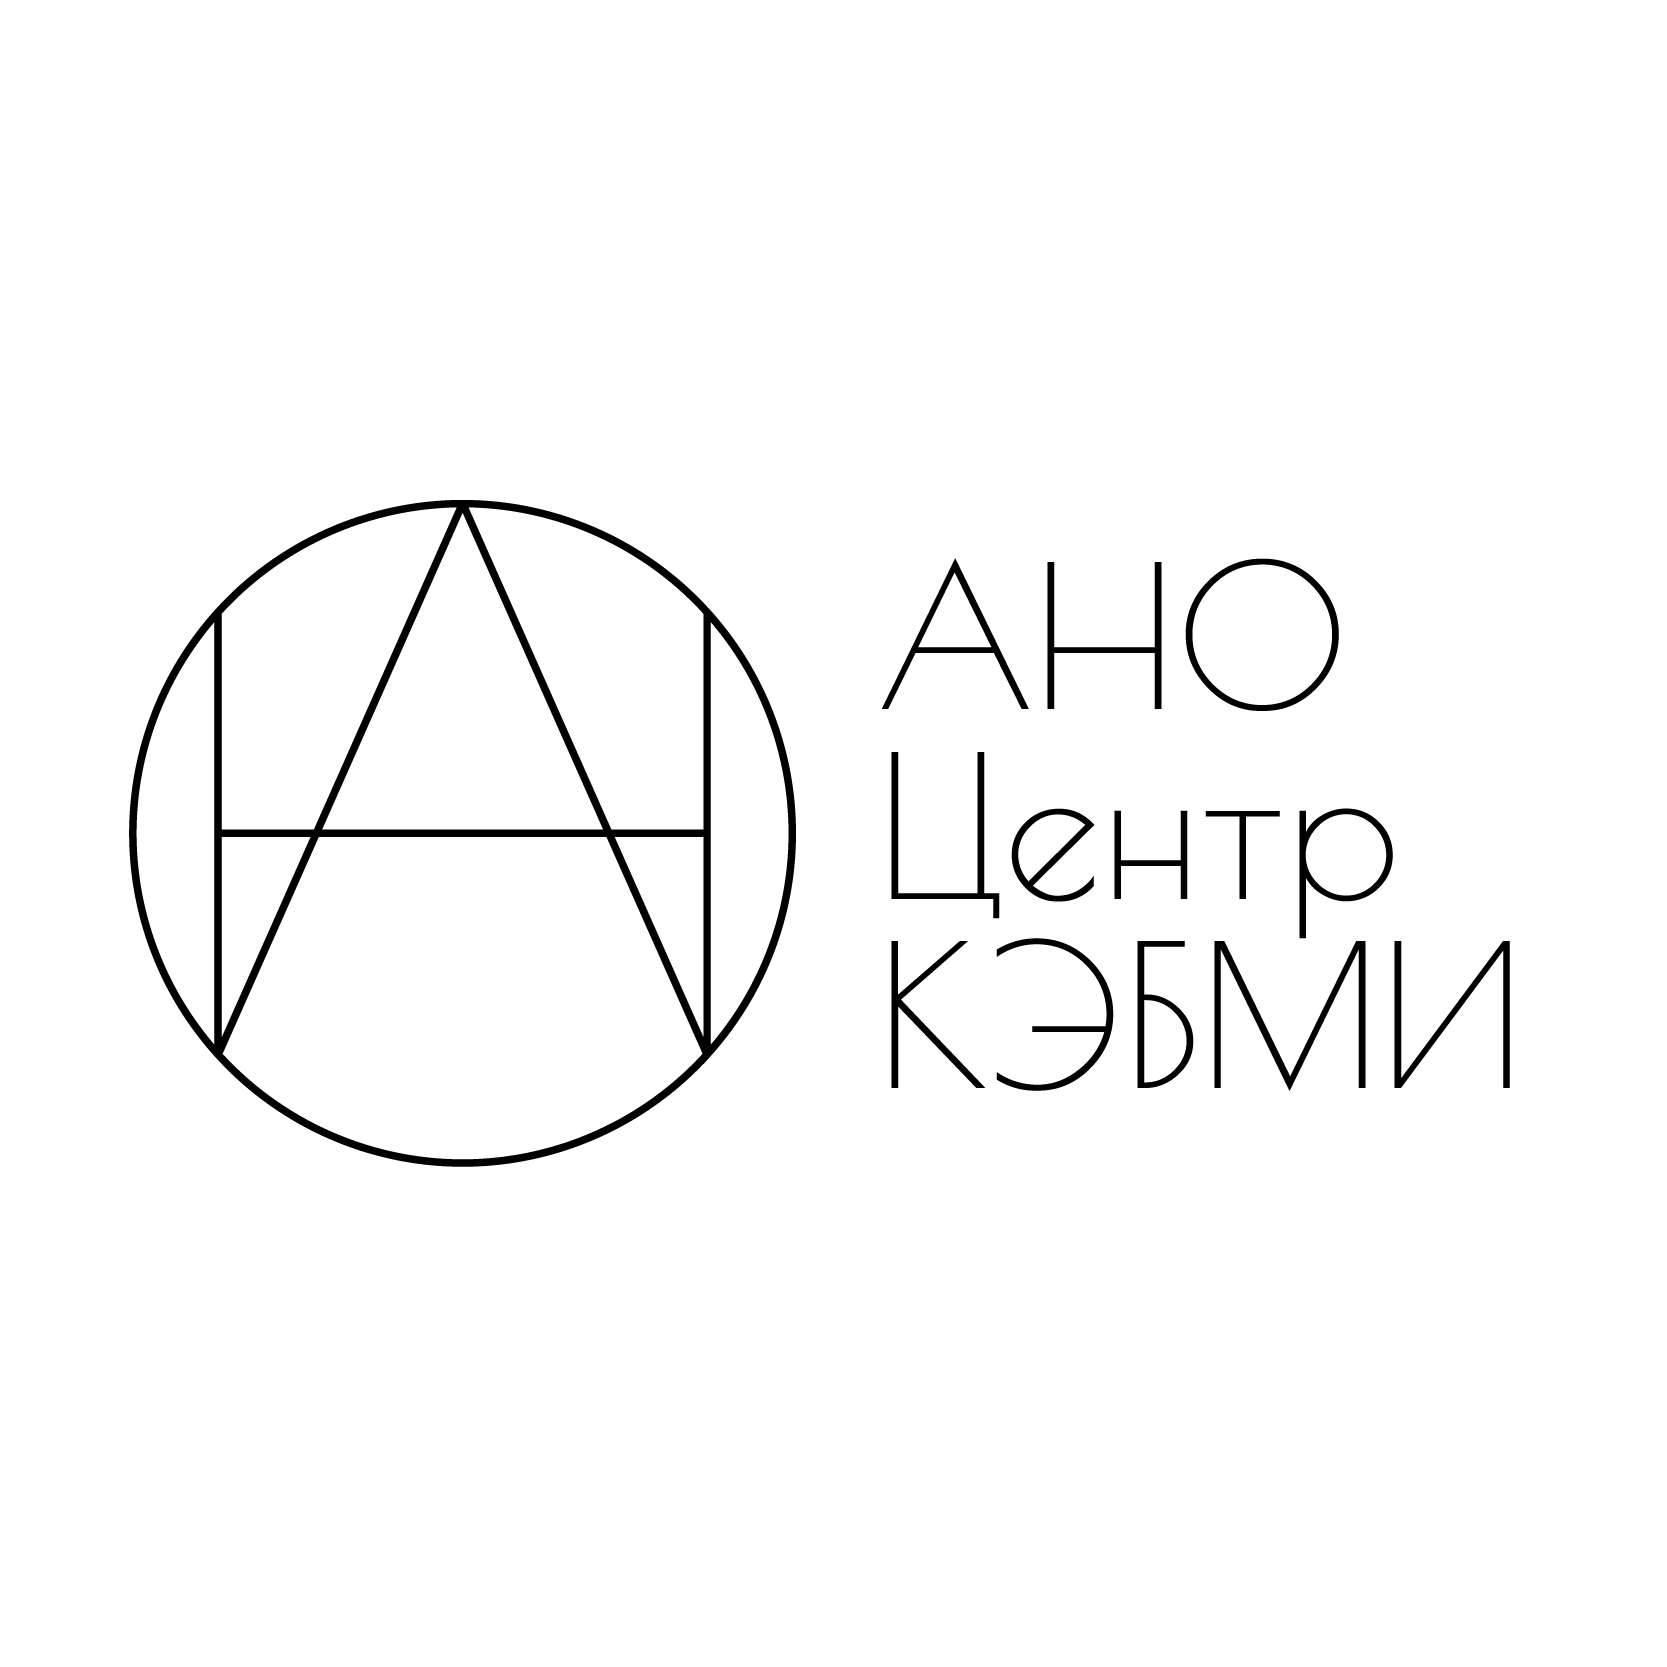 Редизайн логотипа АНО Центр КЭБМИ - BREVIS фото f_1895b1b6a34e7329.png